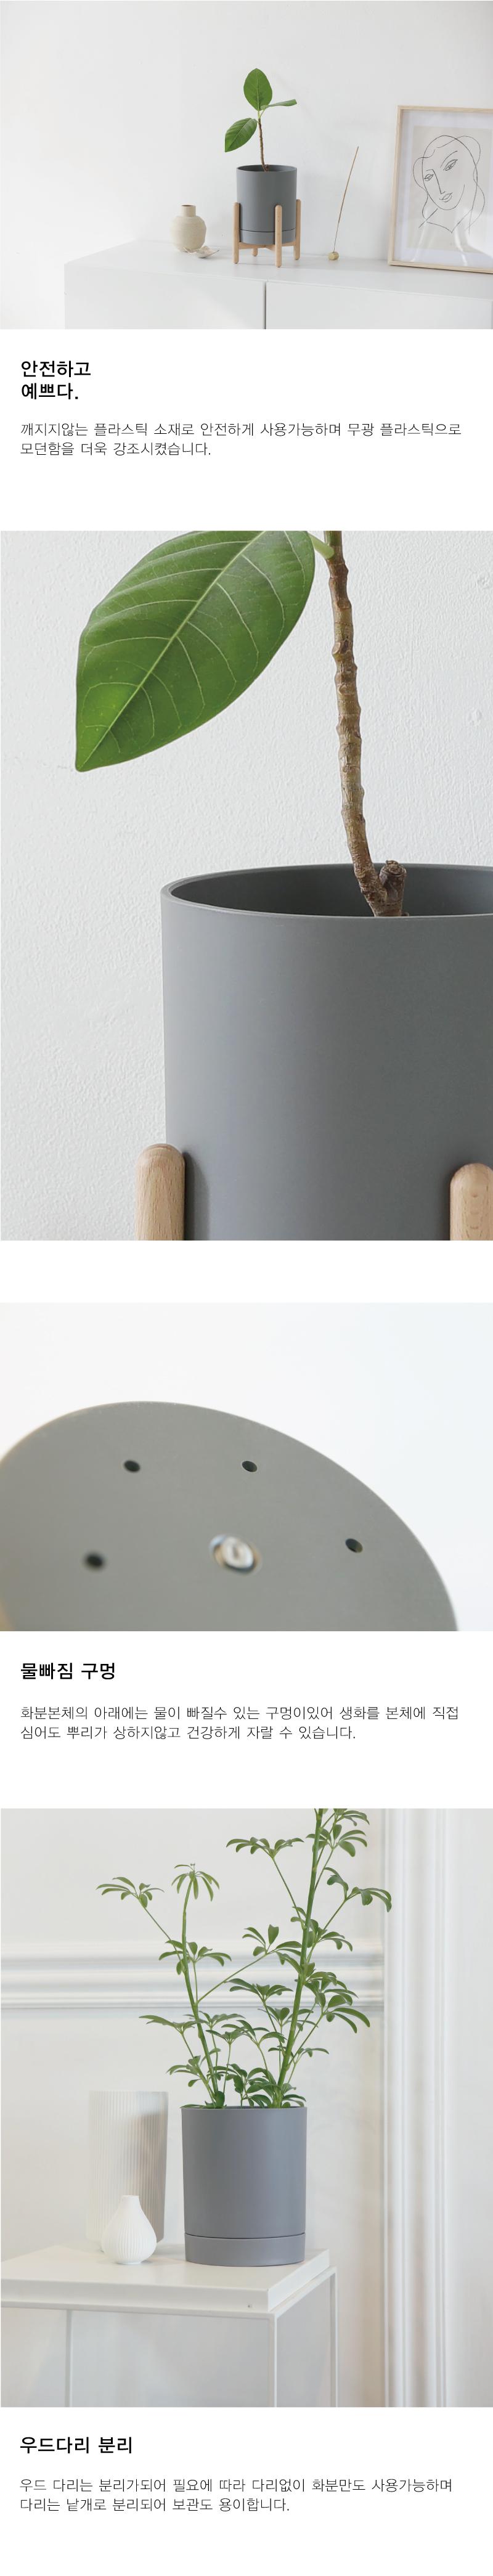 모던 우드 거치대 화분 3colors - 데이리브, 25,800원, 공화분, 미니화분